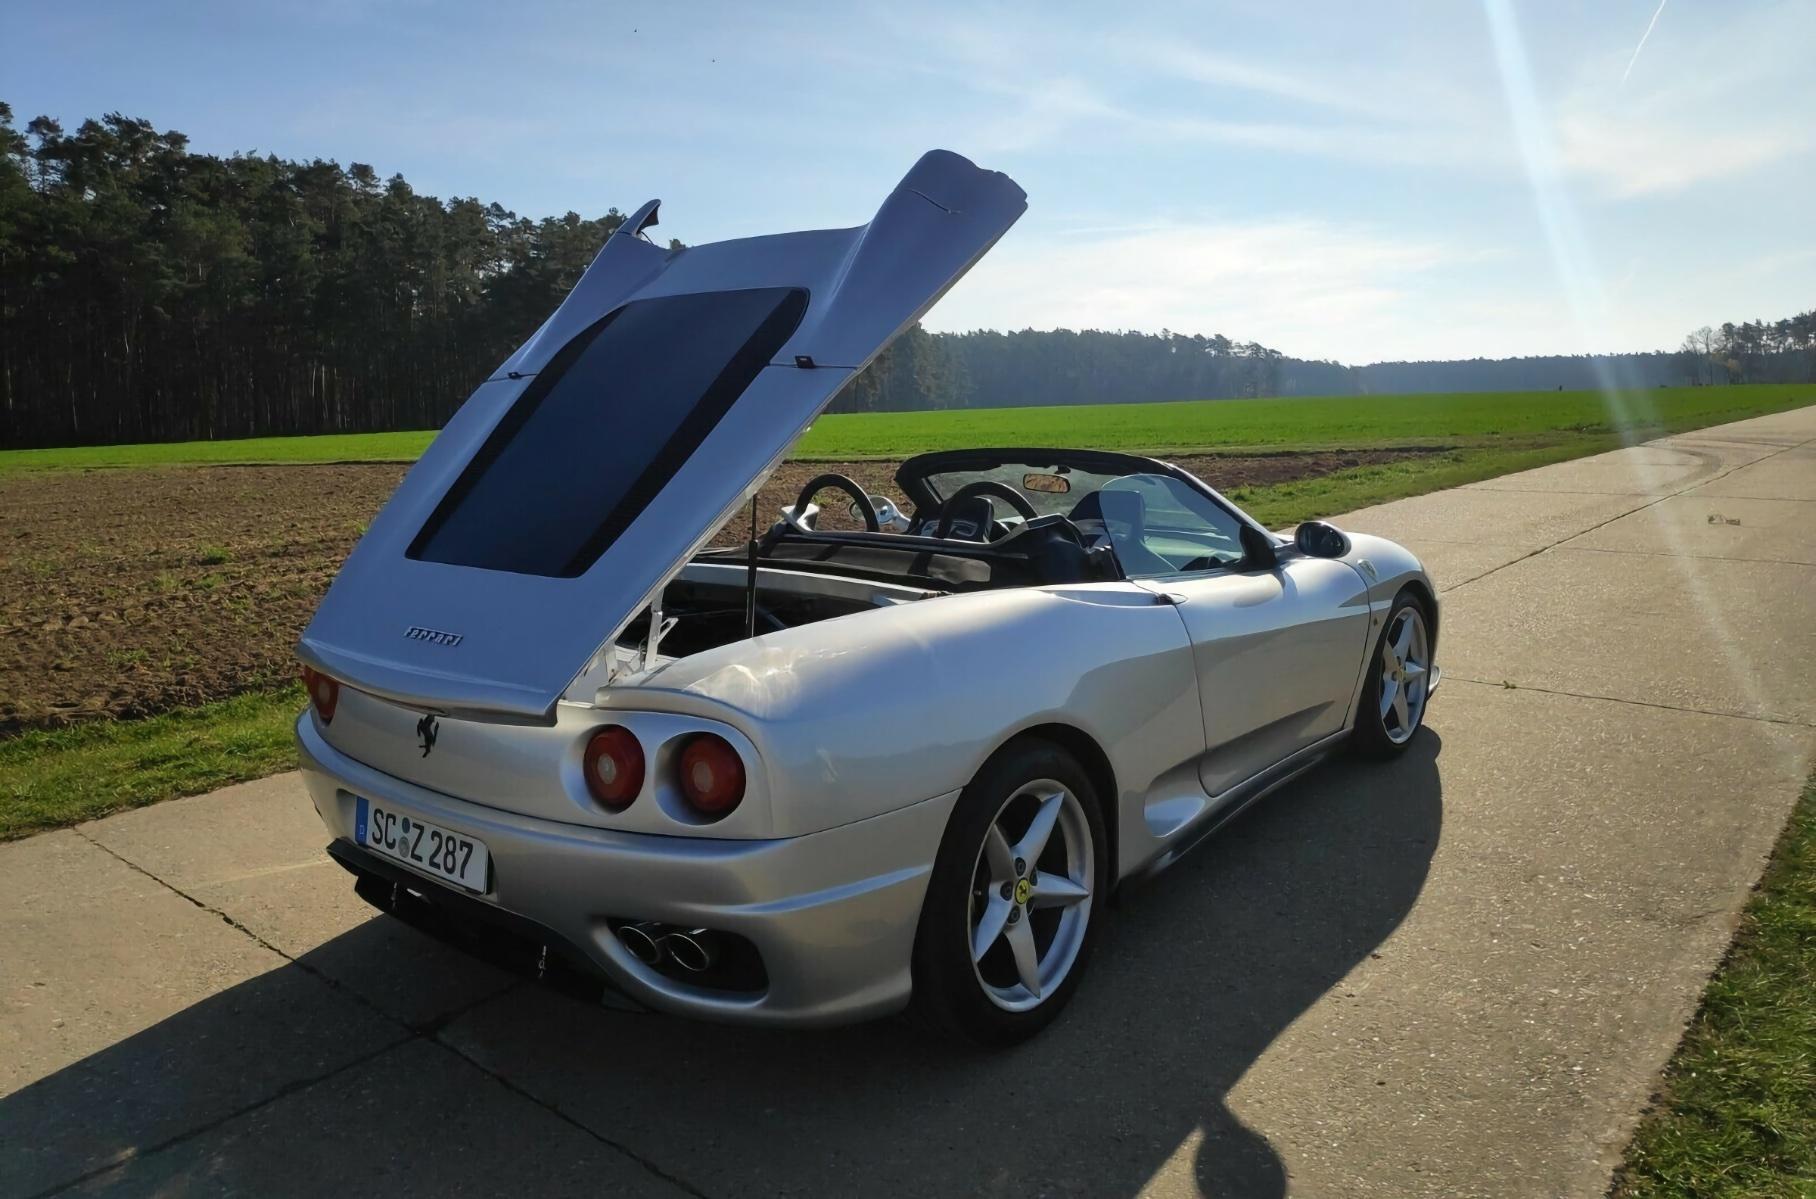 Копии Ferrari, McLaren и Mercedes-Benz, сделанные из старых ненужных автомобилей